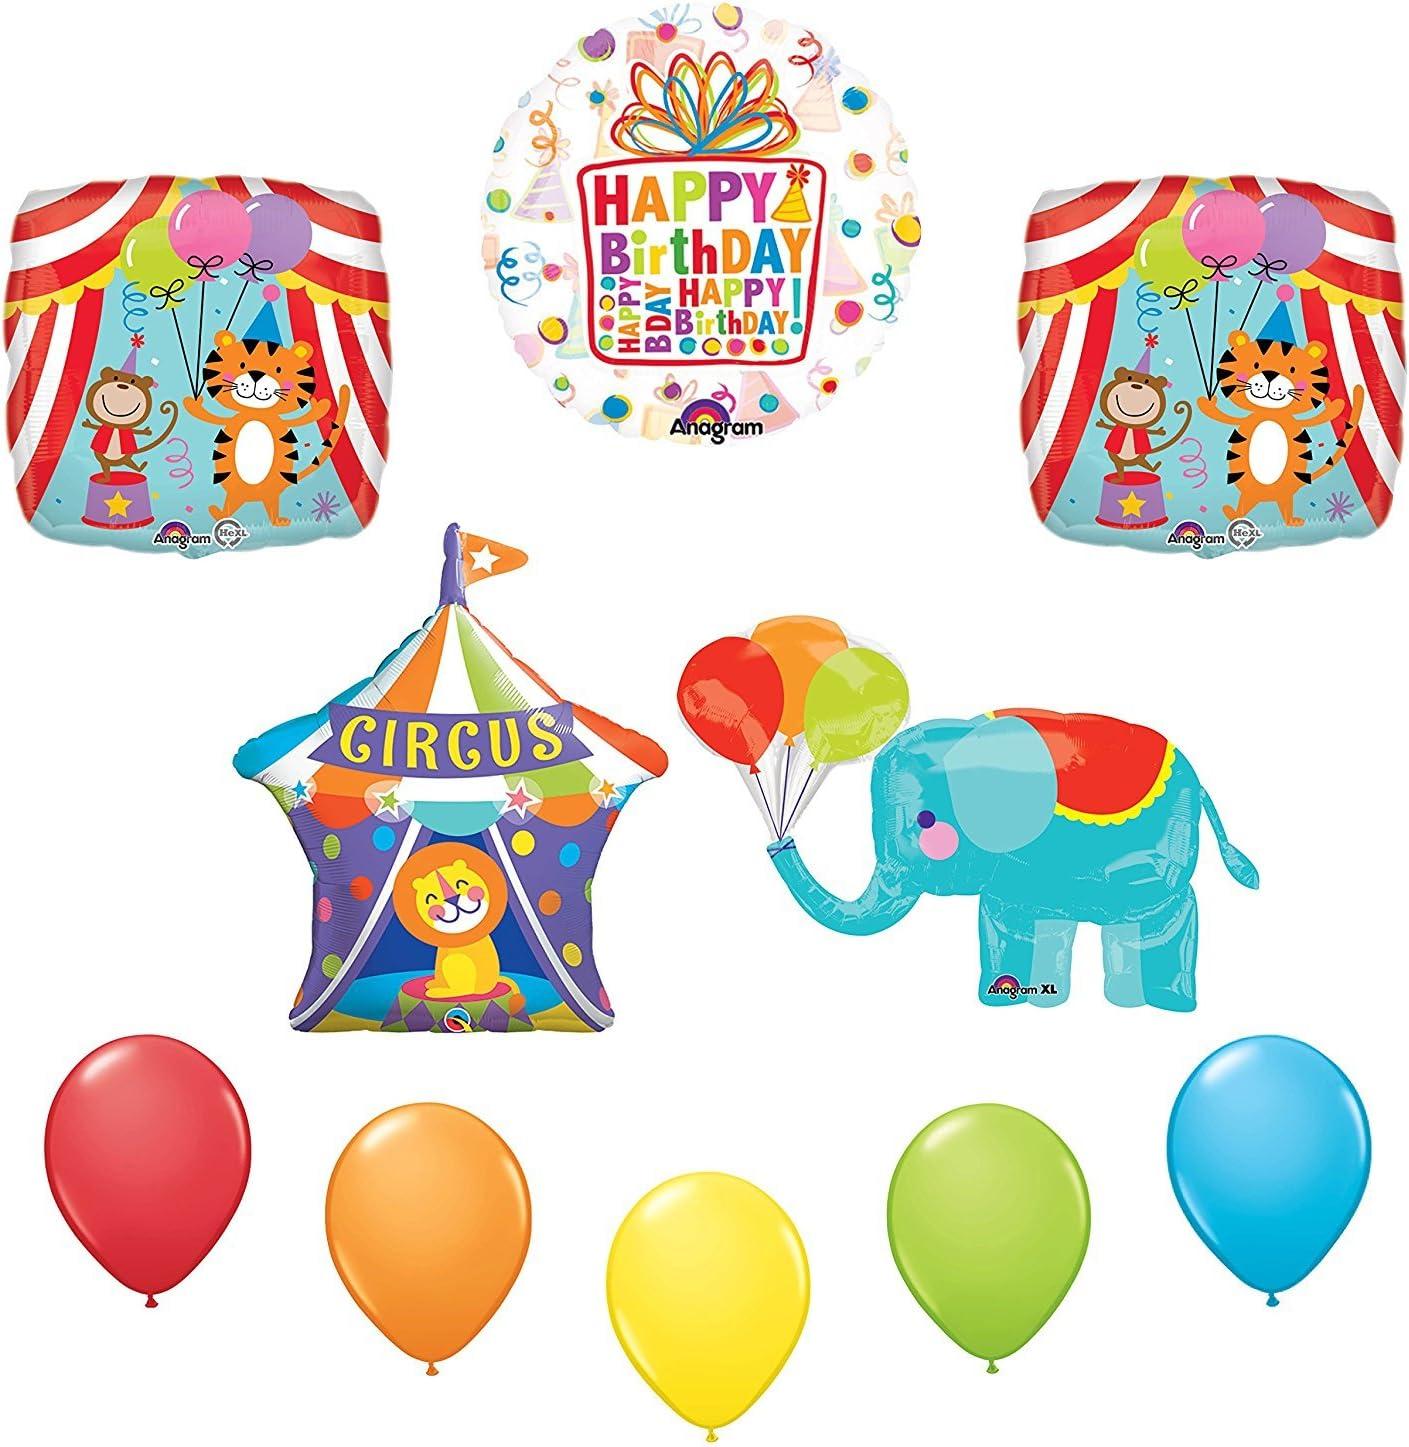 Circus Balloon Bundles